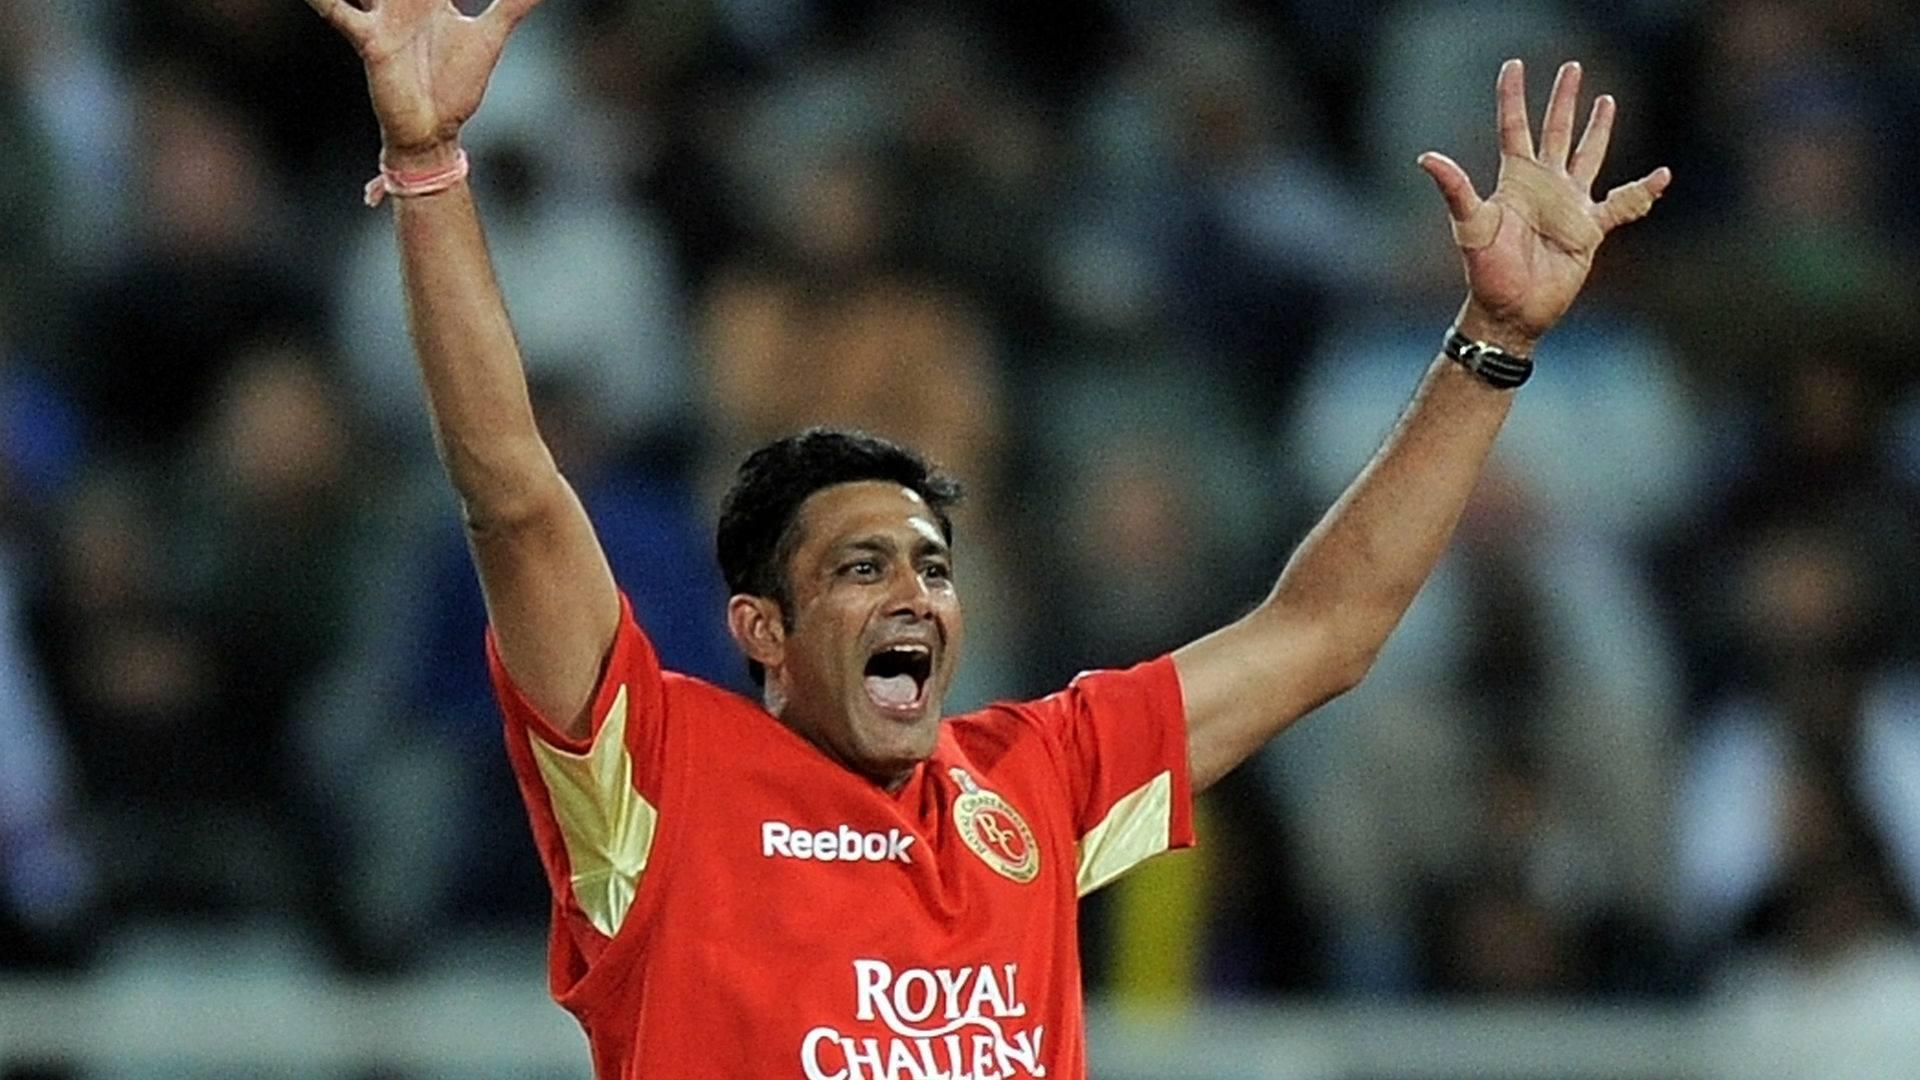 इंडियन प्रीमियर लीग 2009: पारी में सर्वश्रेष्ठ गेंदबाजी 34